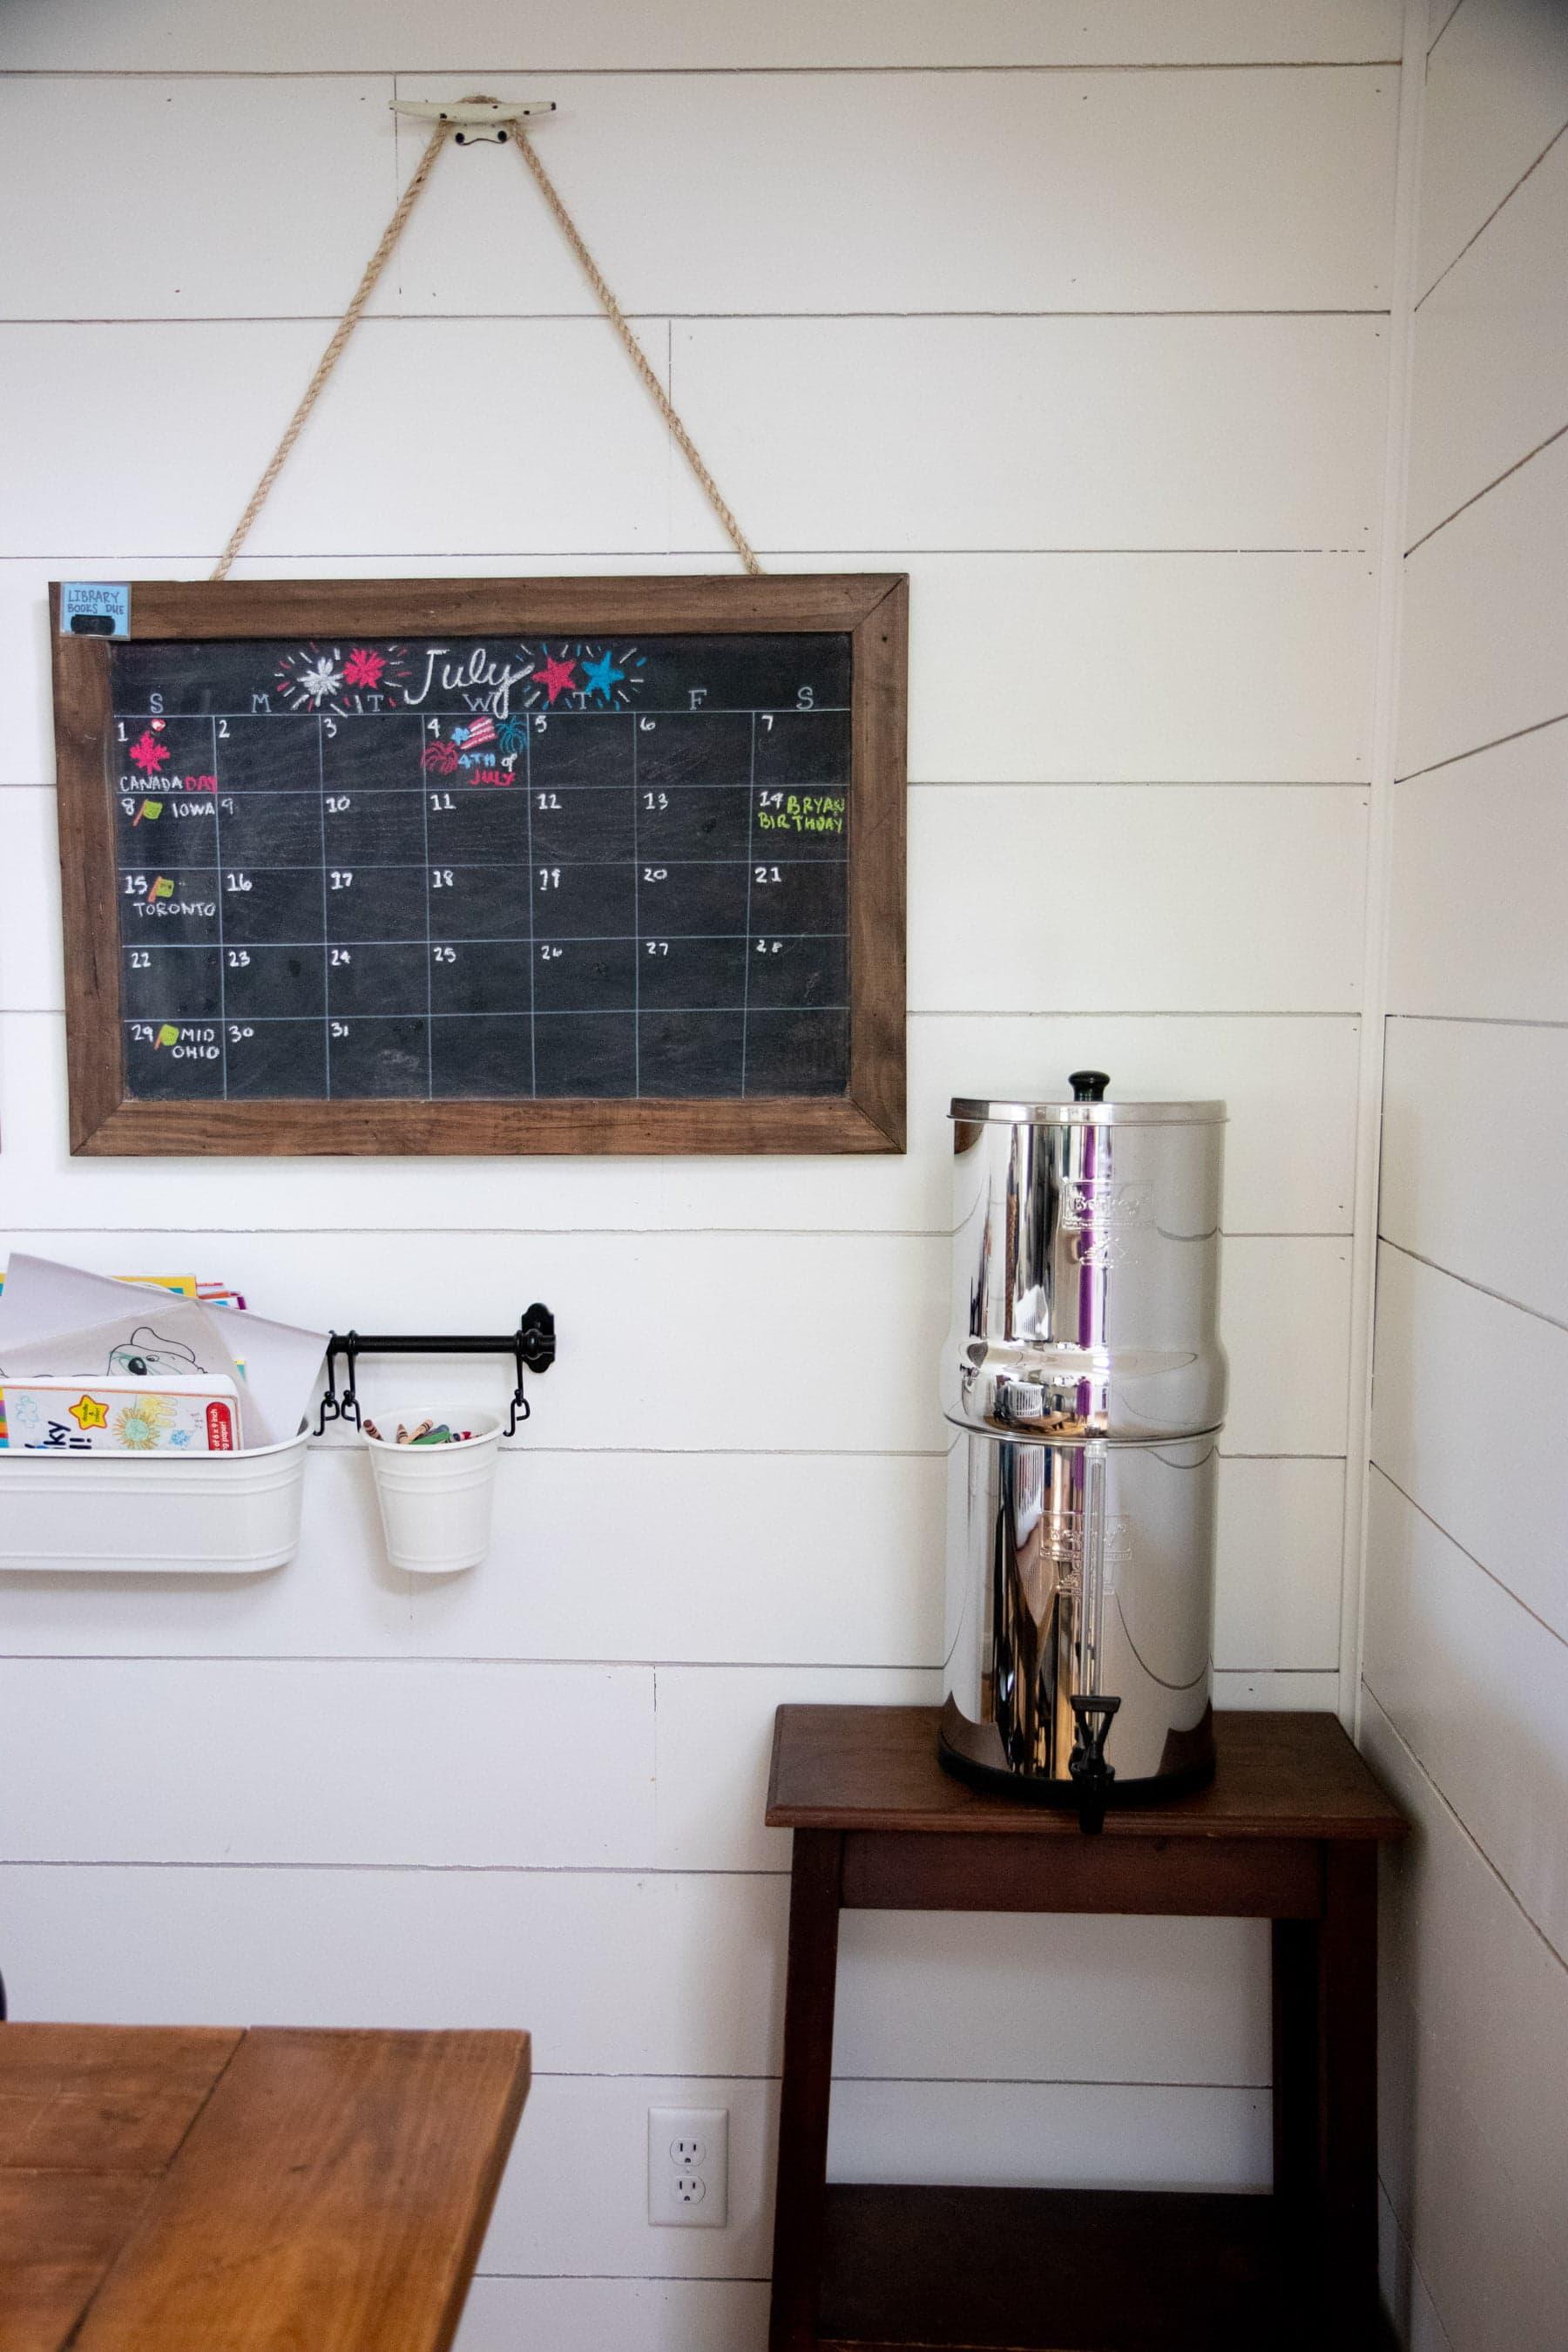 Berkey Water Filter system sitting in a corner near a July chalkboard calendar